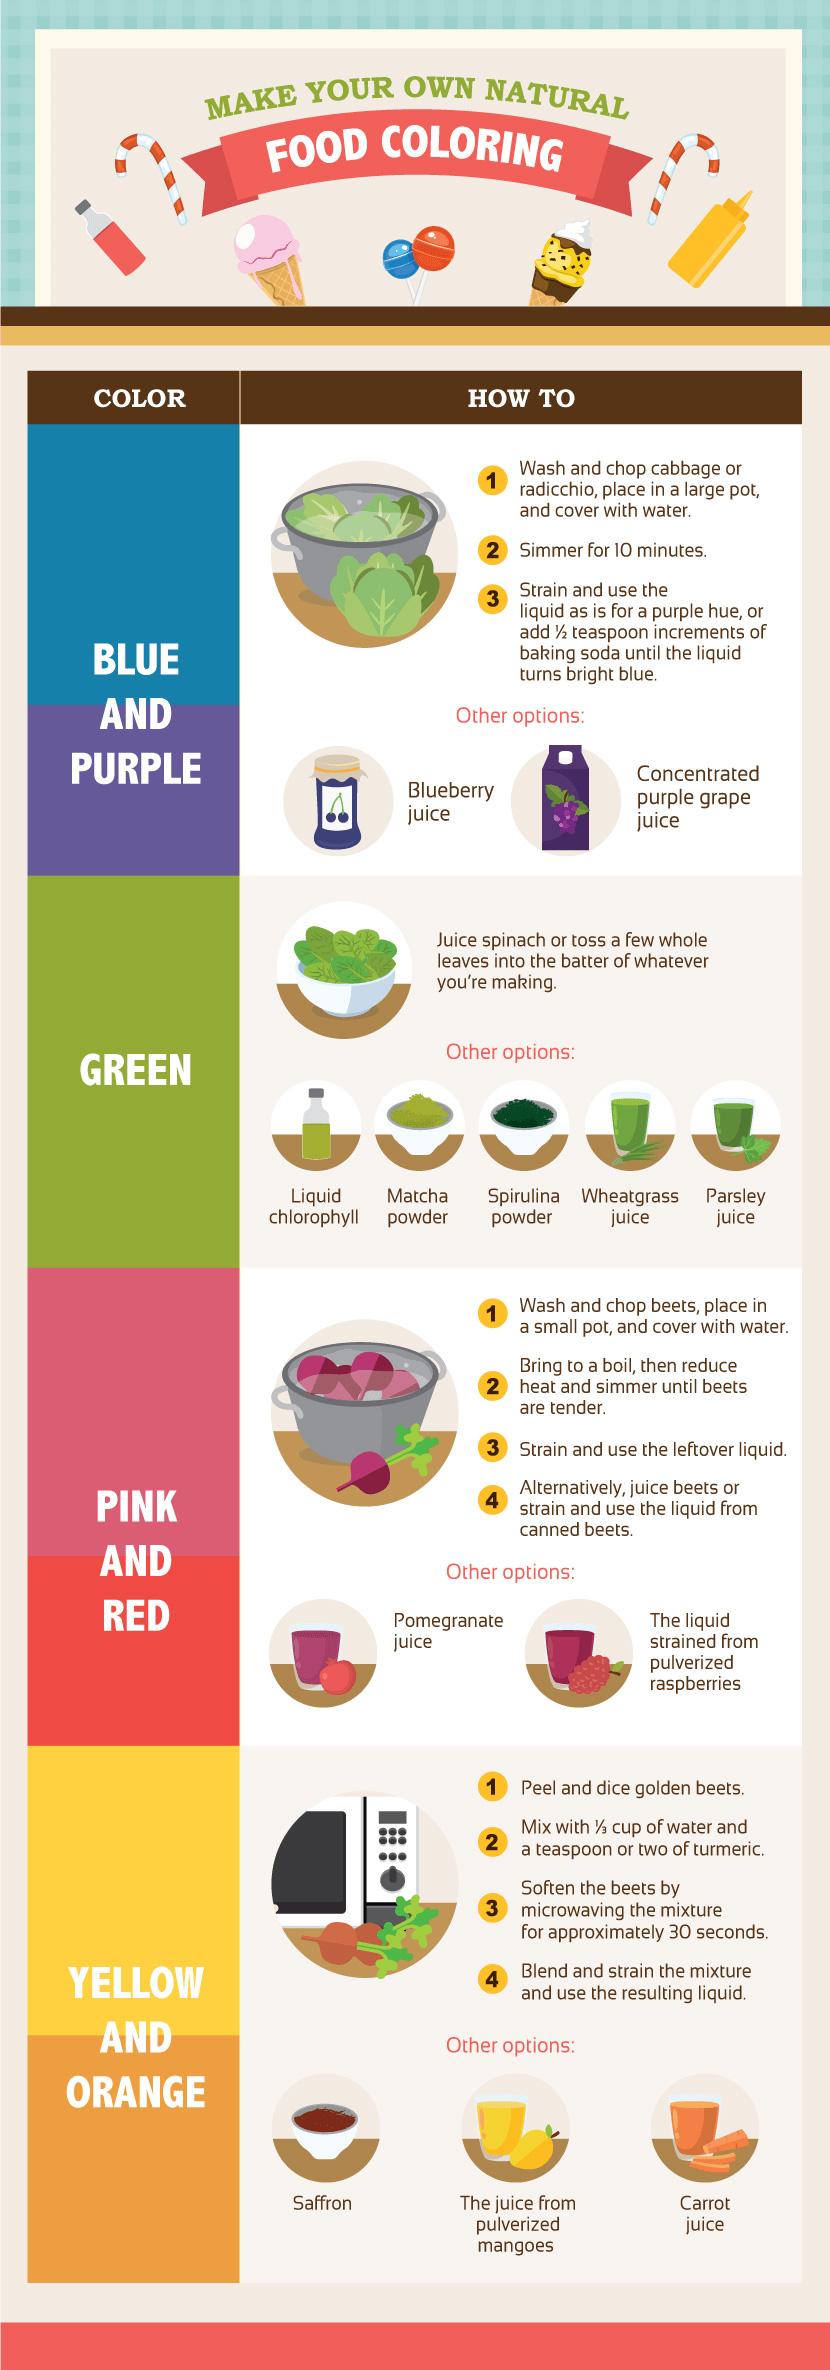 使自己的食用染料圖